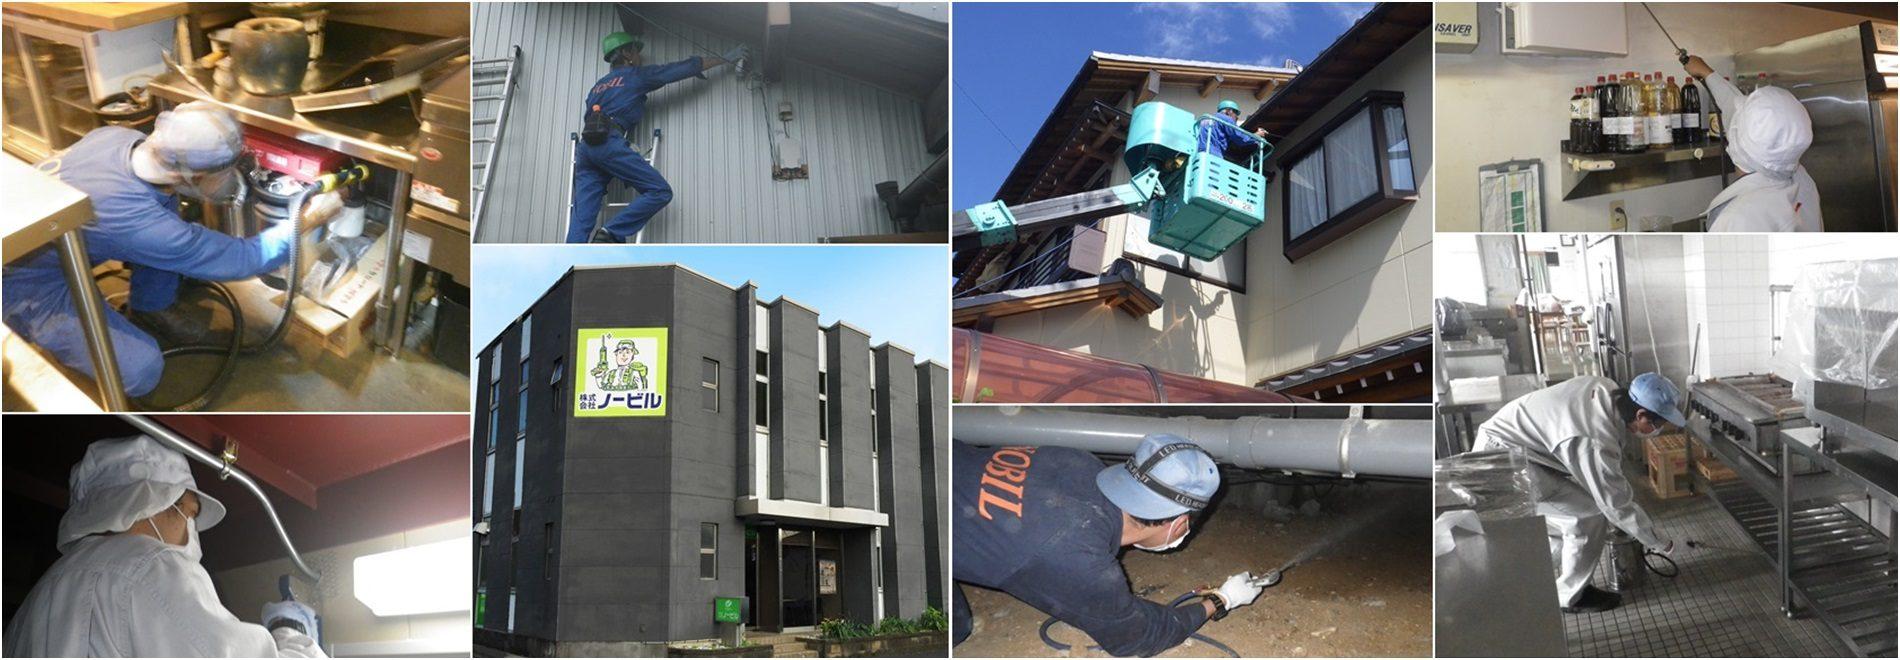 お客様へ健康と快適な生活・職場環境に合った多様なサービスを提供しております。